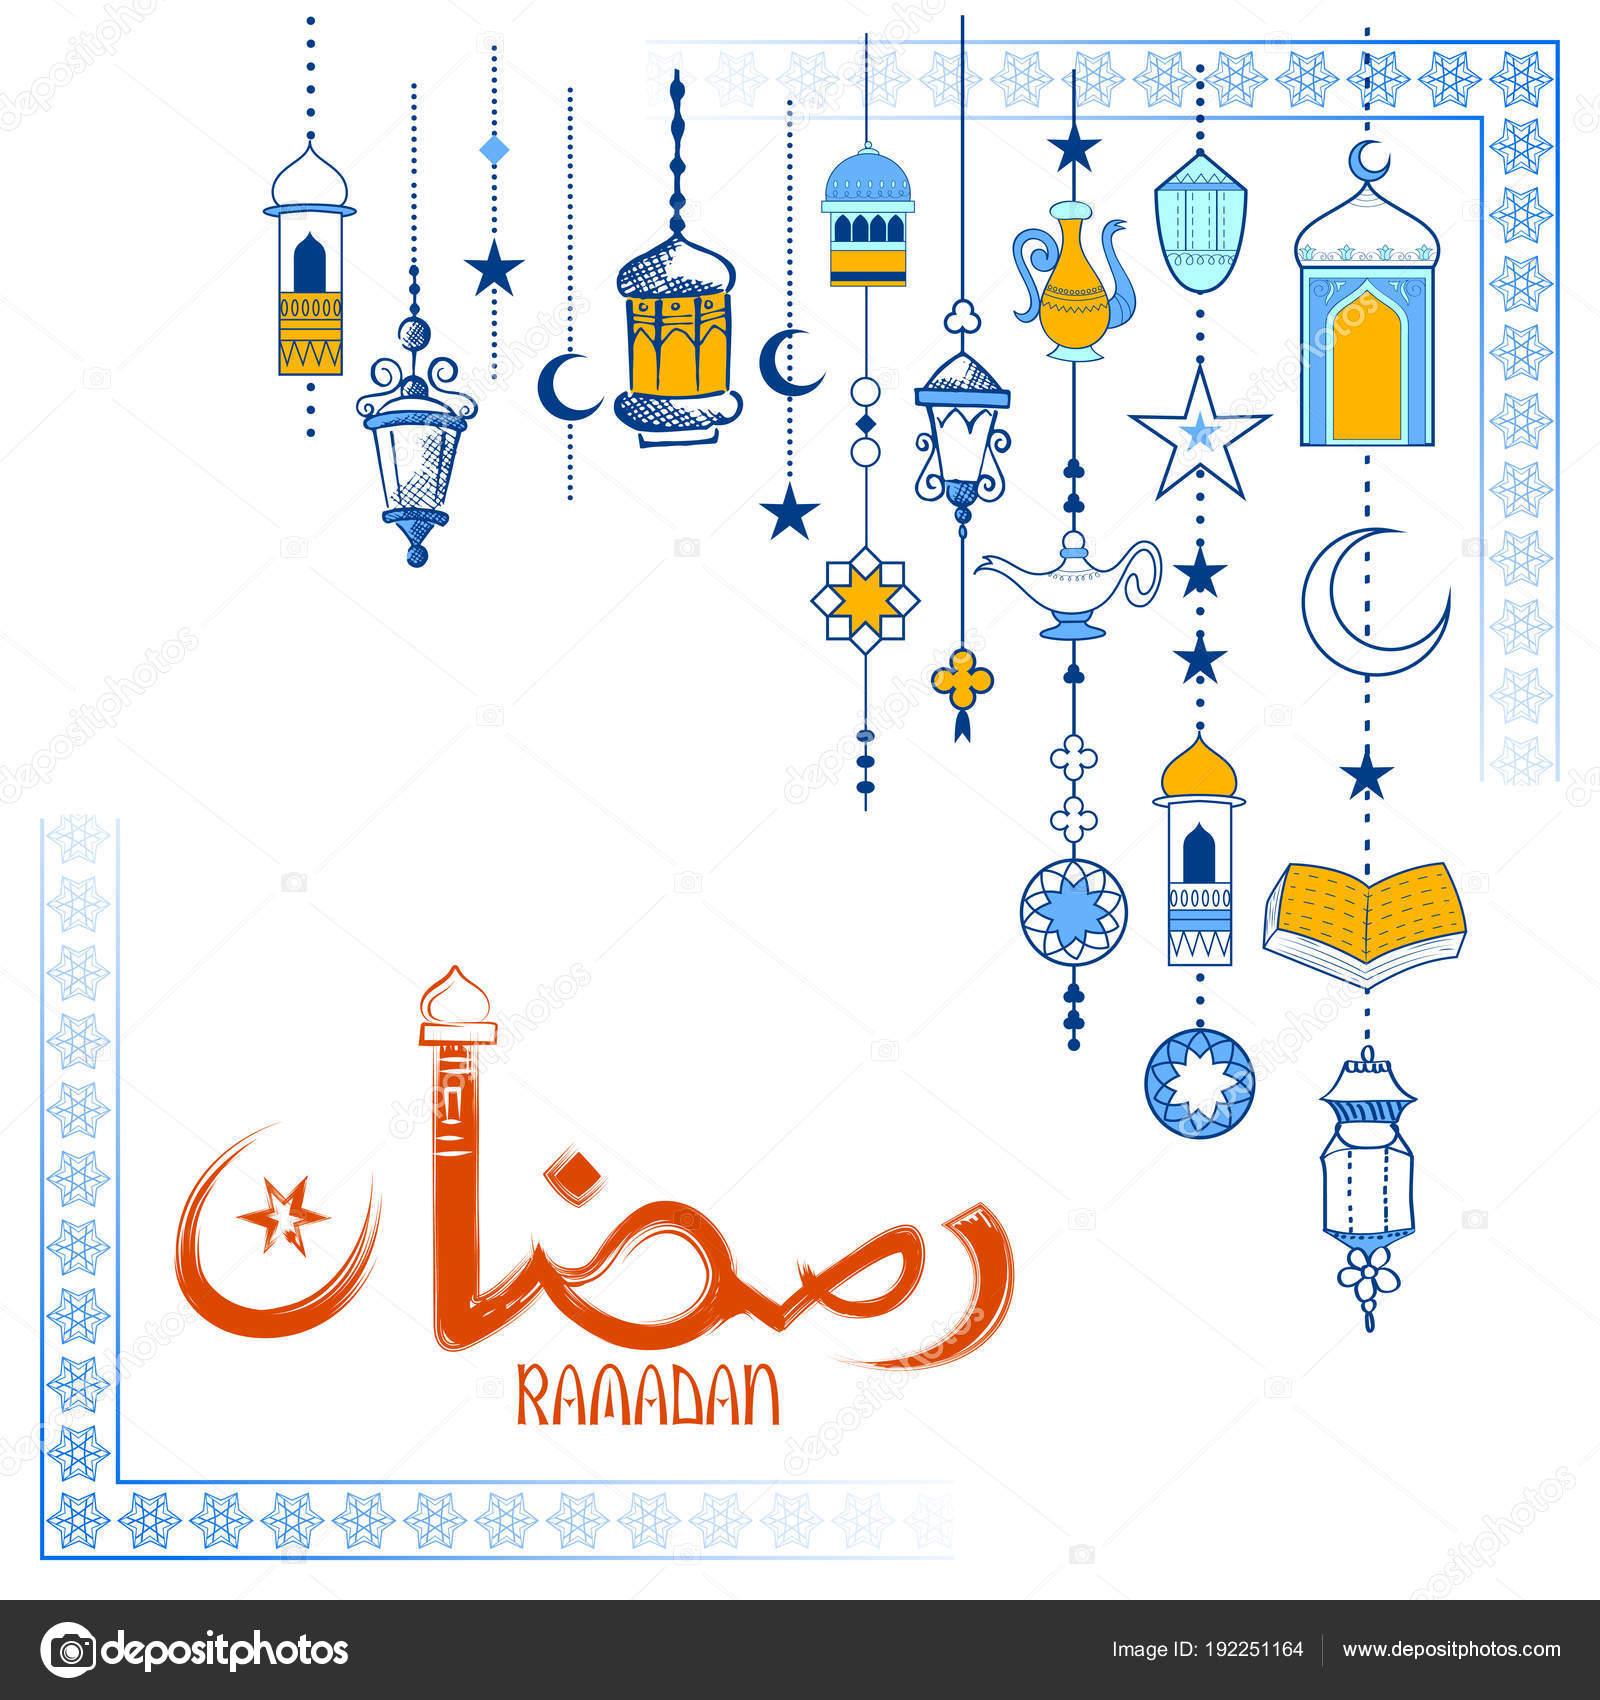 Ramadan kareem generous ramadan greetings for islam religious ramadan kareem generous ramadan greetings for islam religious festival eid with illuminated lamp stock vector m4hsunfo Images